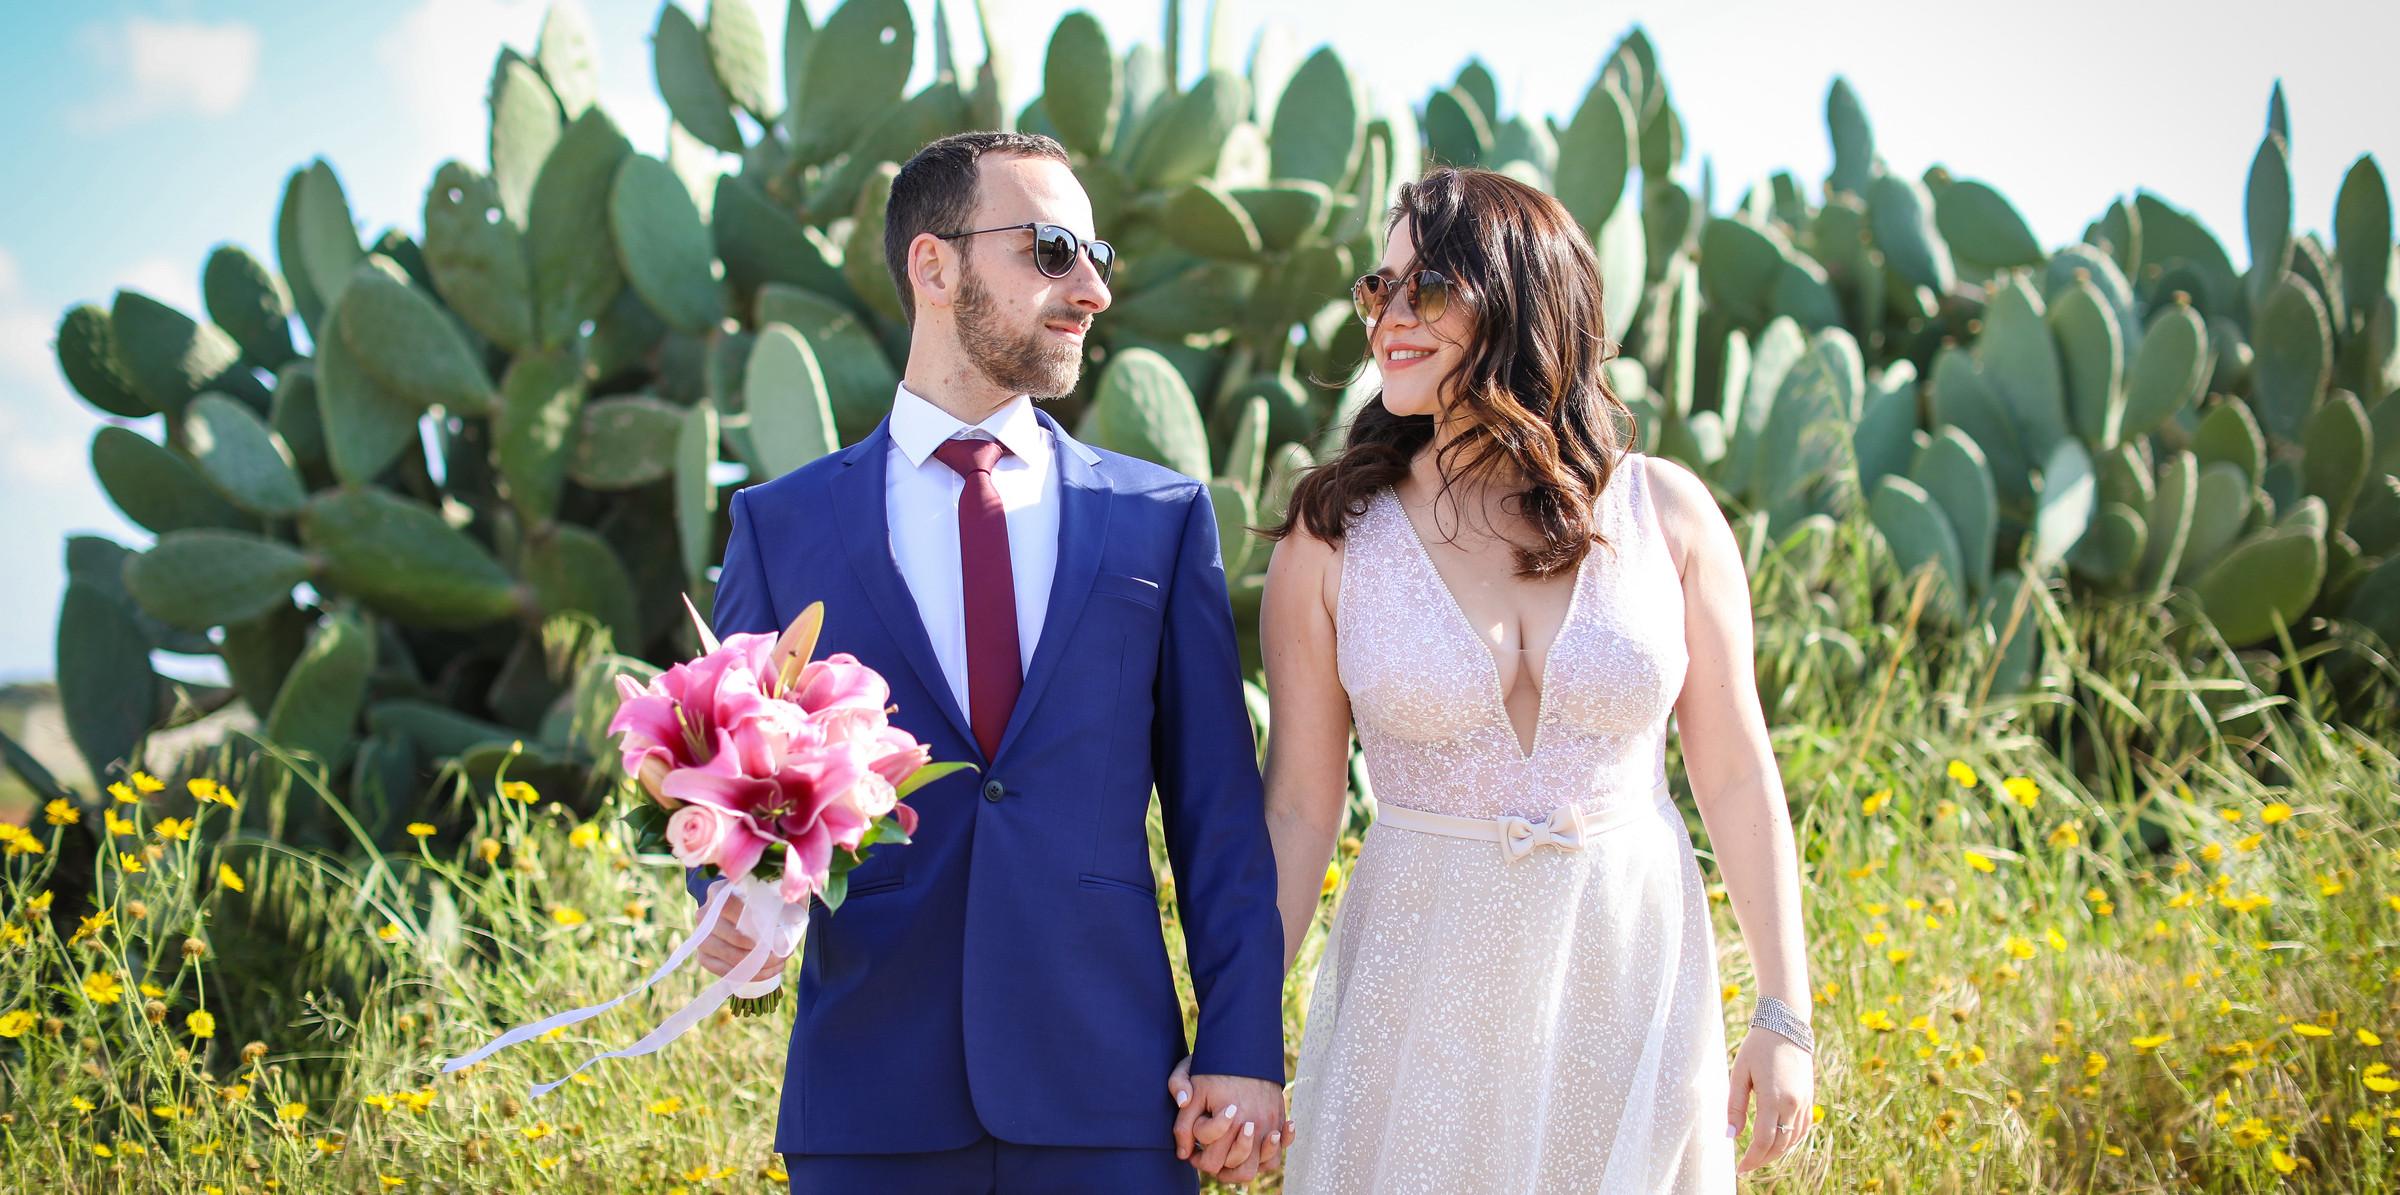 החתונה של אירה ובוריס 18.4.2019 חוץ-390.